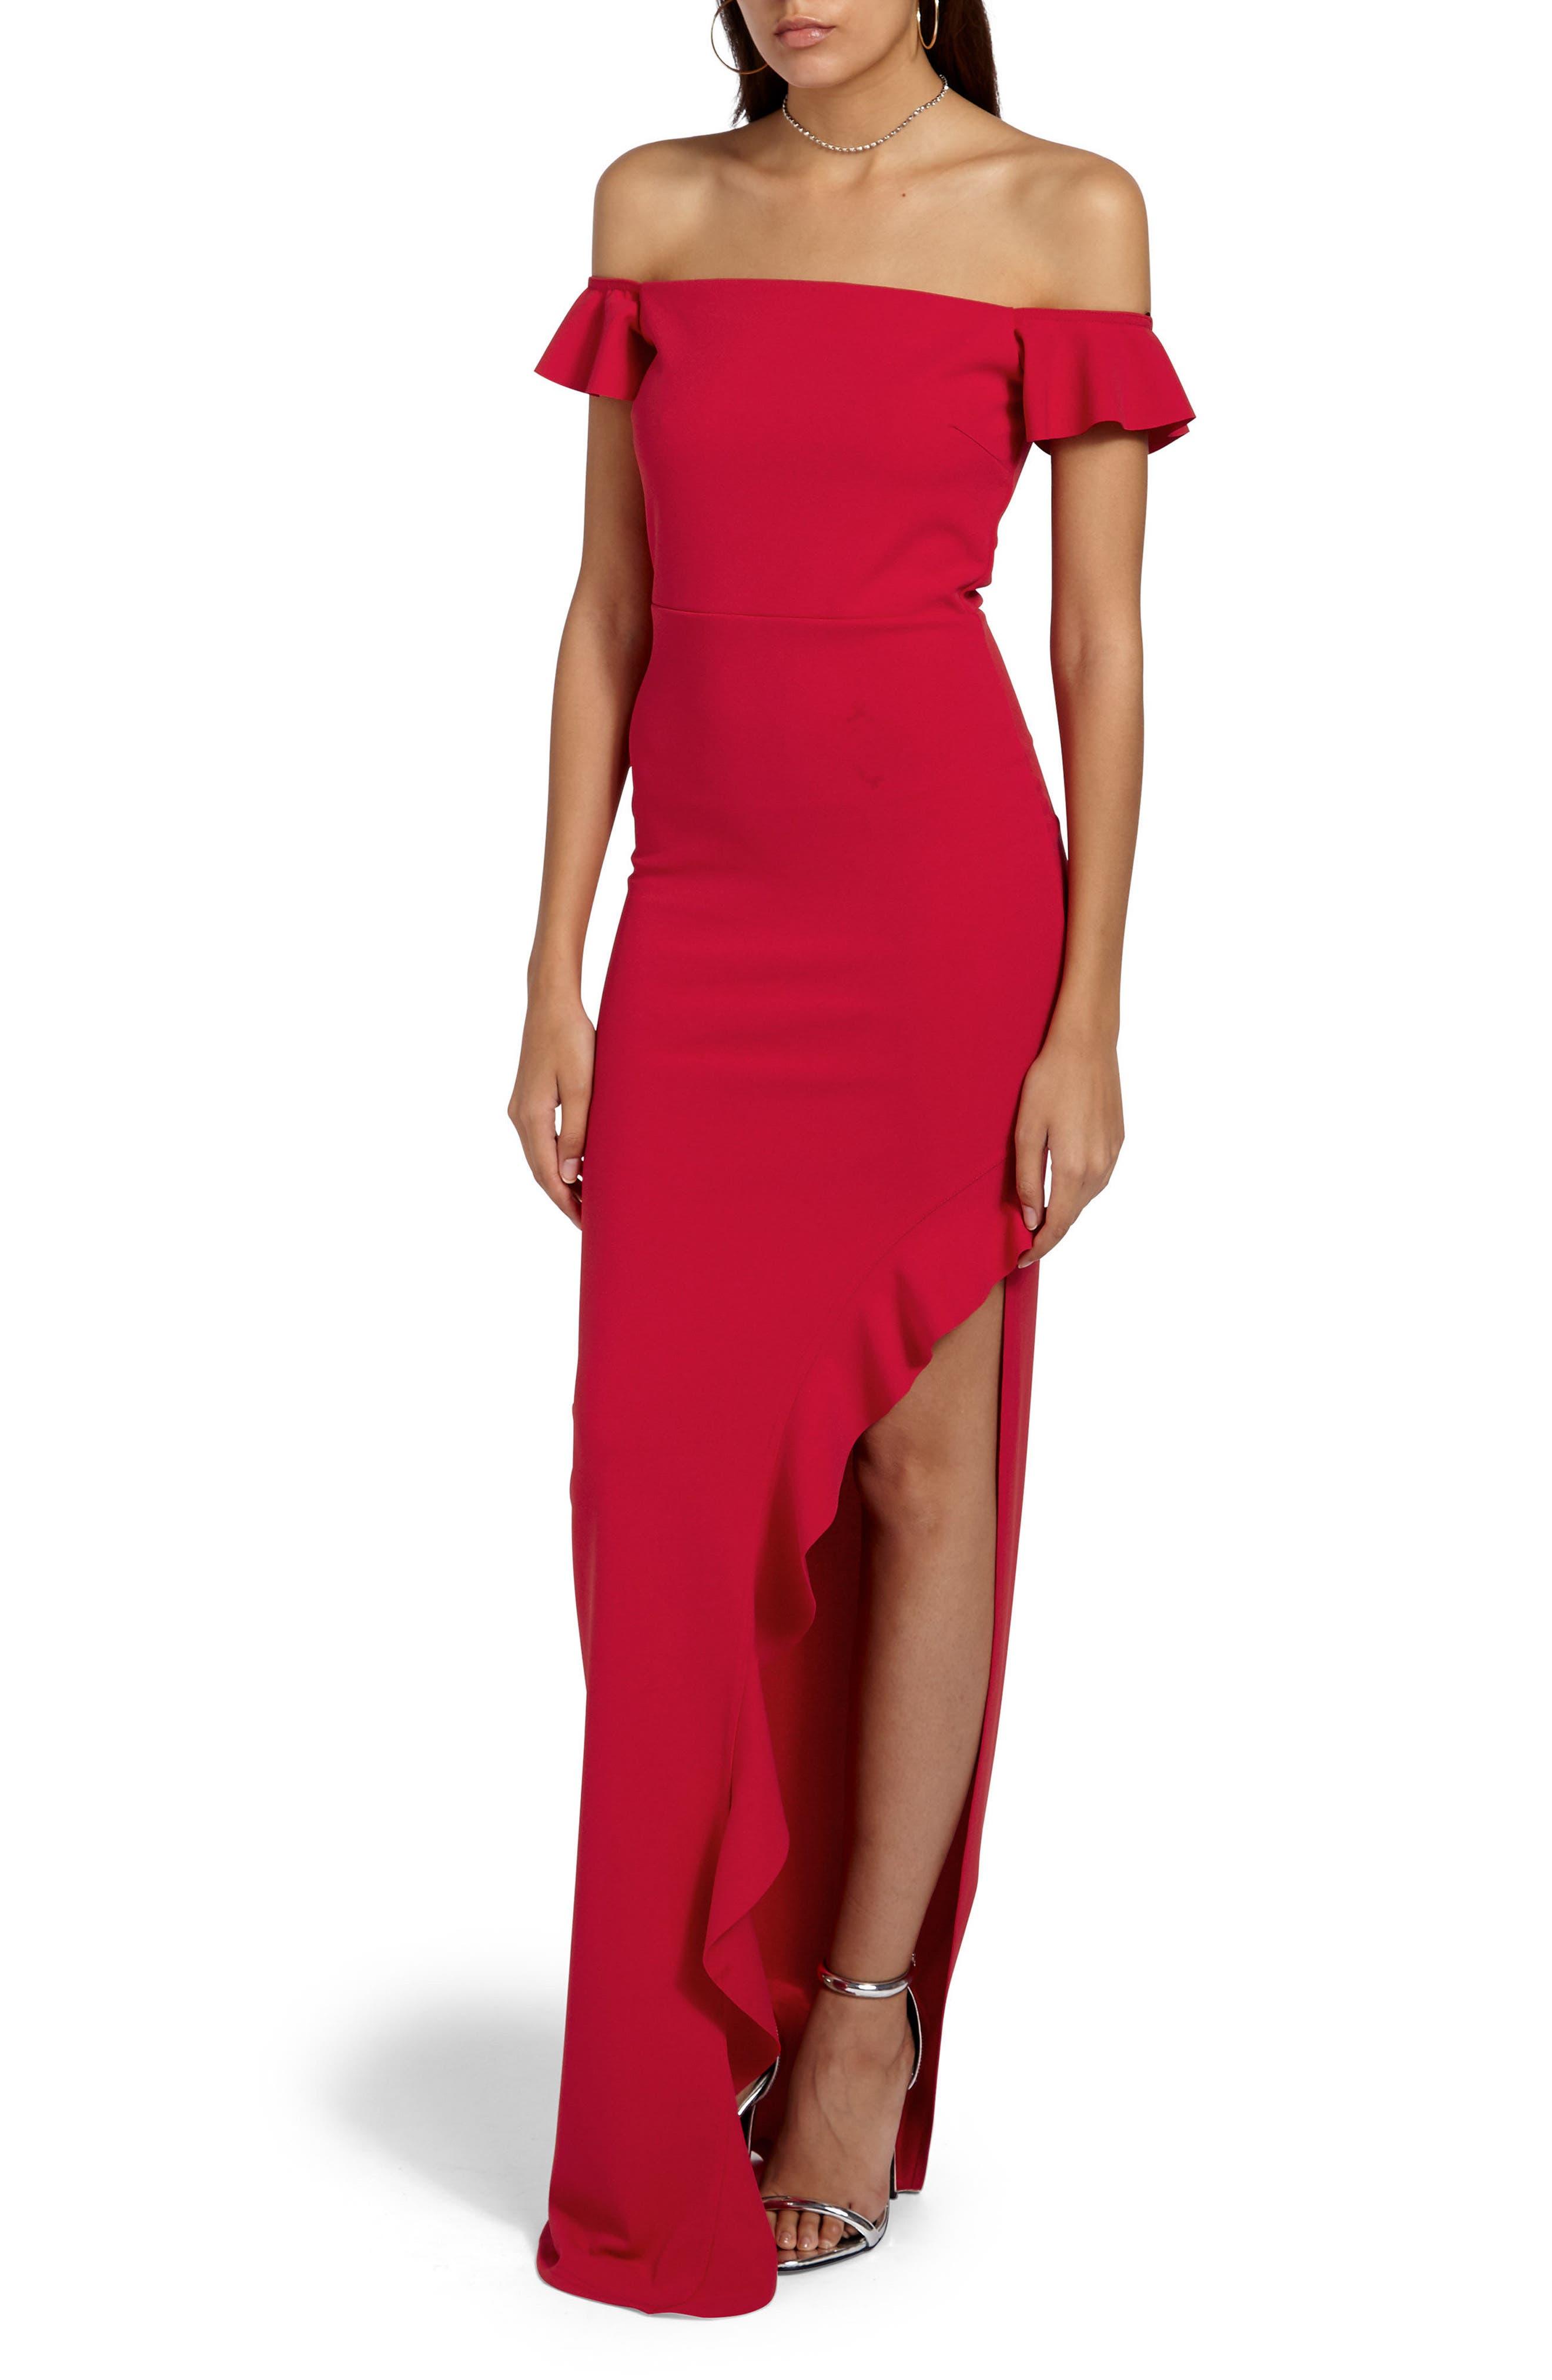 Bardot Gown,                             Main thumbnail 1, color,                             600